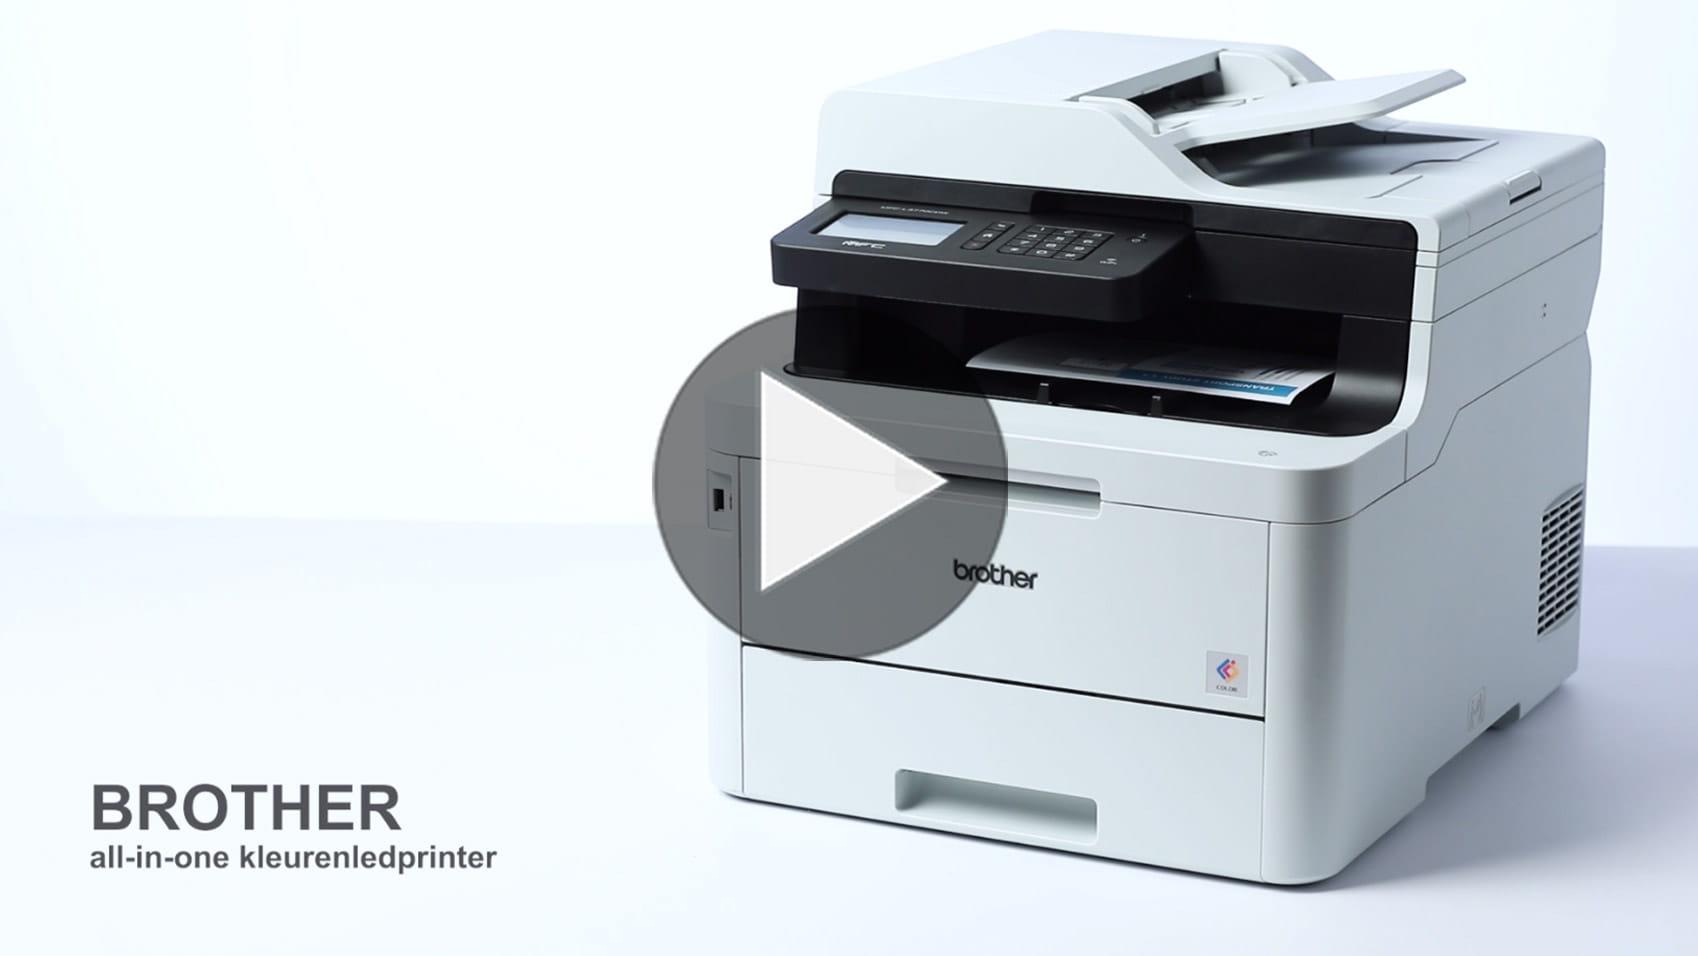 MFC-L3770CDW All-in-one draadloze kleurenledprinter 8